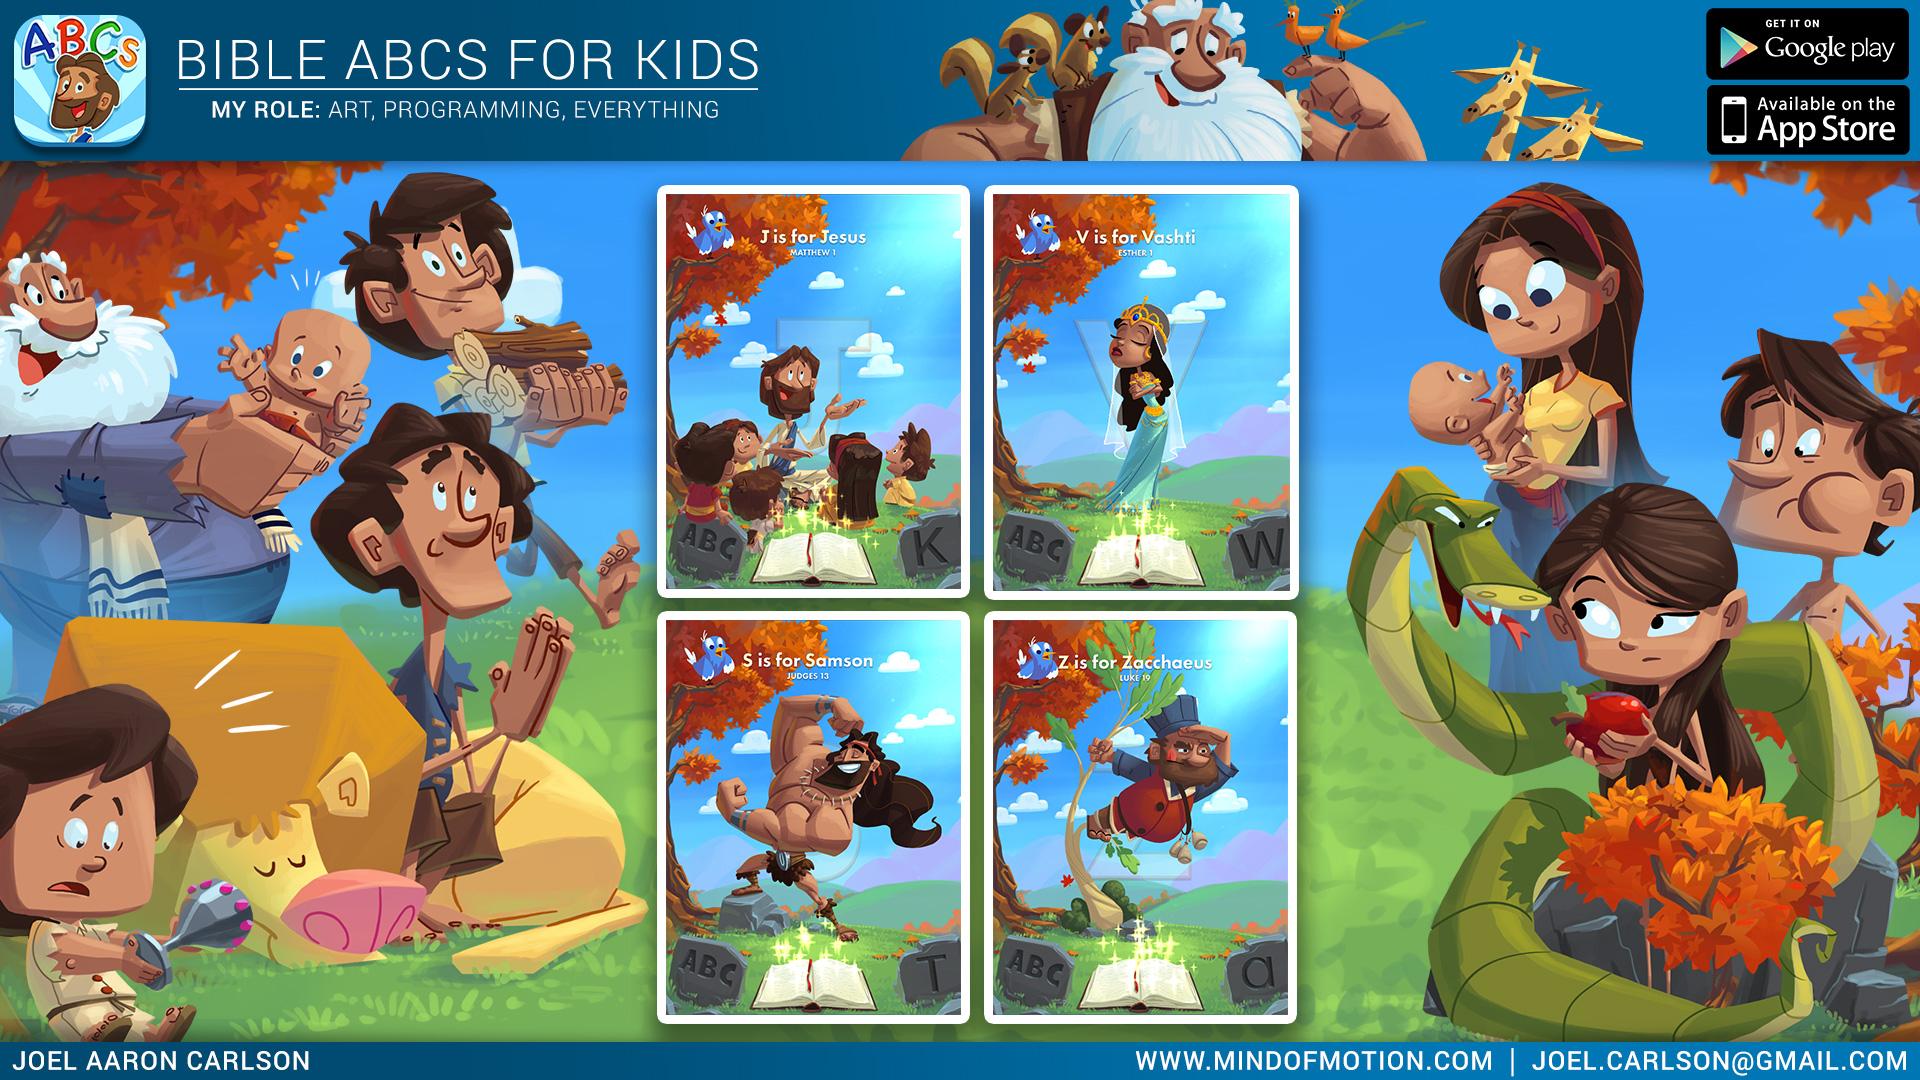 Portfolio-GameDevelopment-01-BibleABCsForKids.jpg